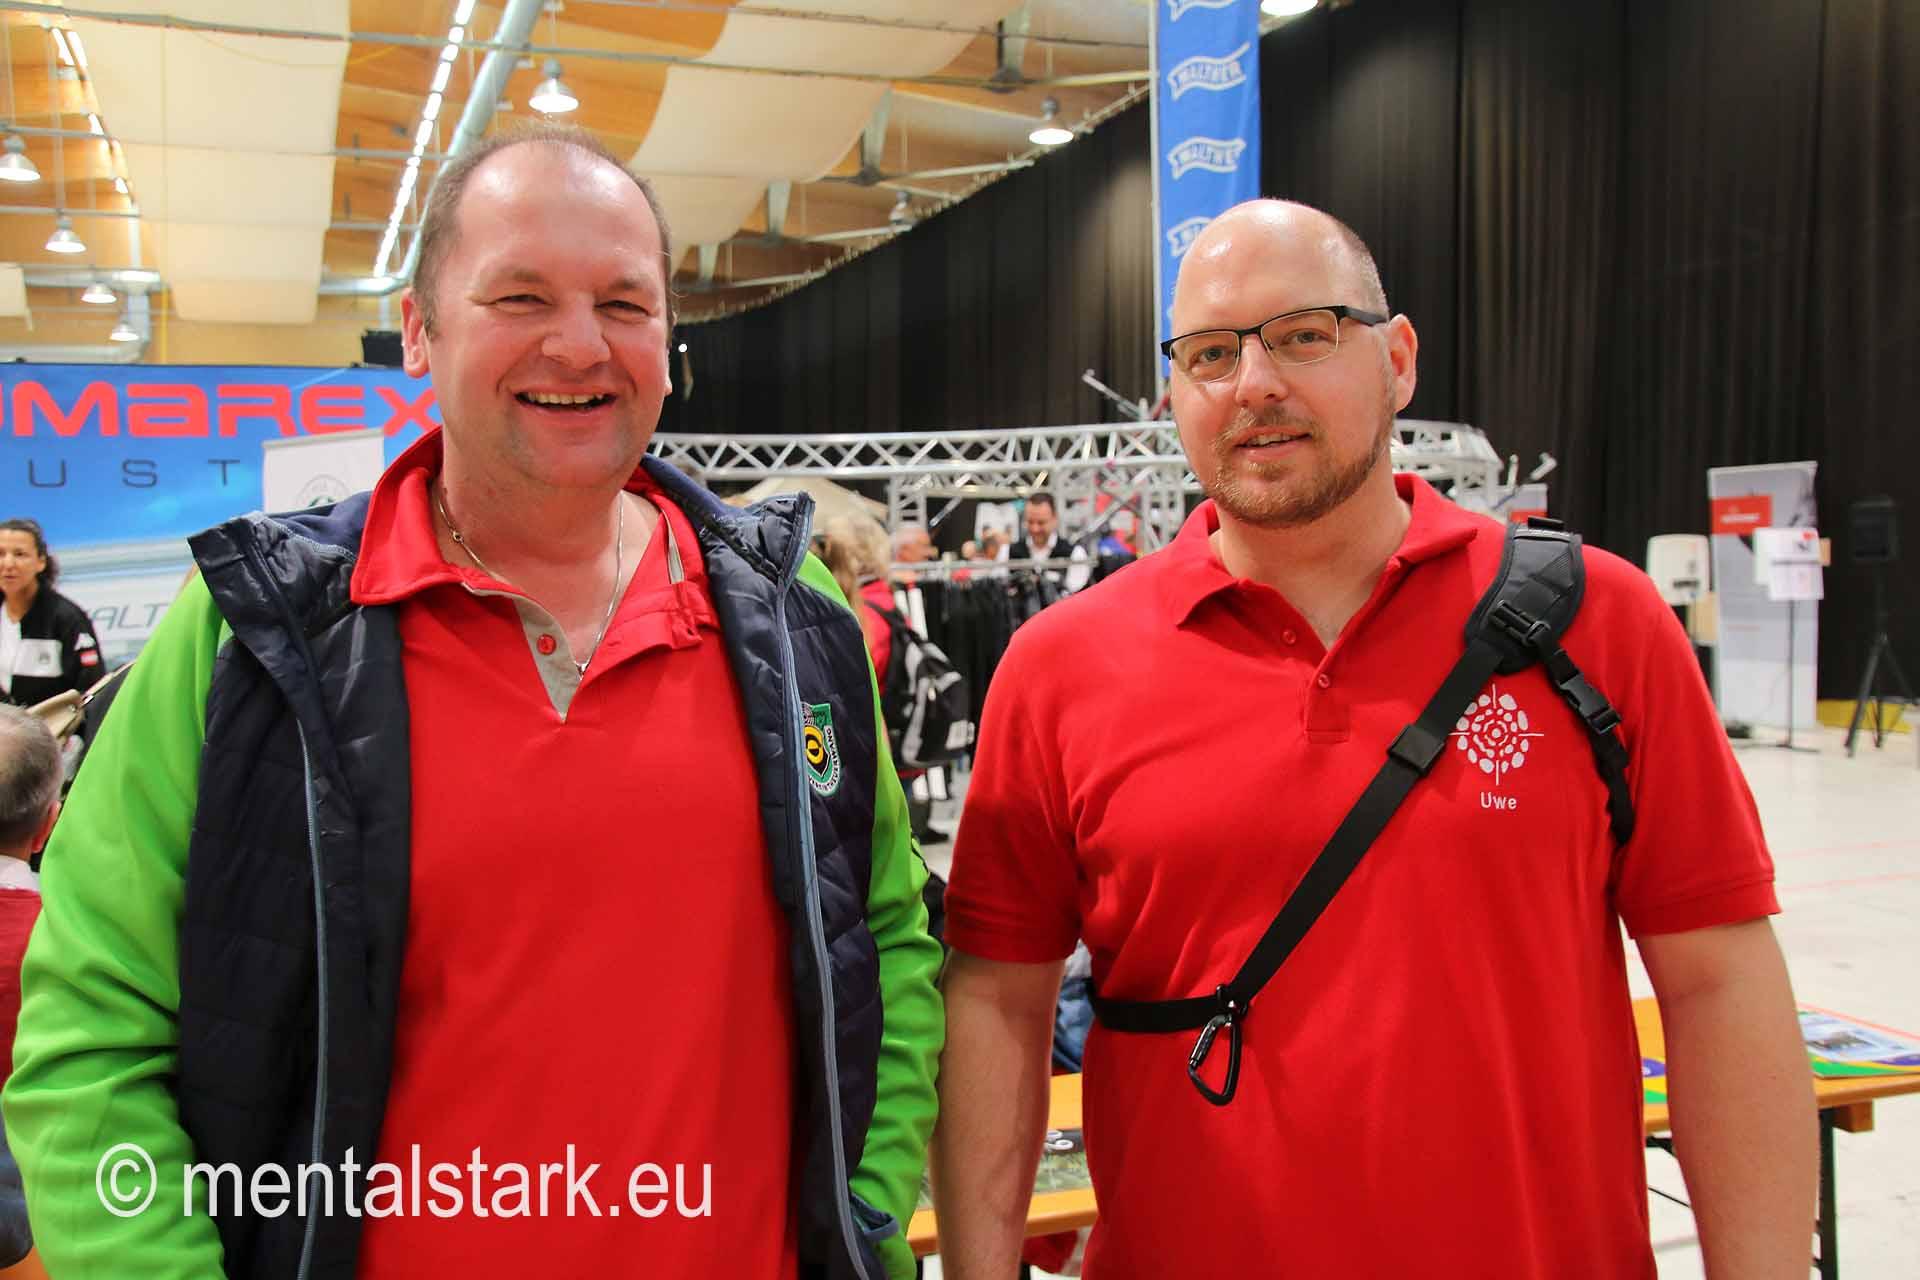 Herbert Raffelsberger & Uwe Gessl